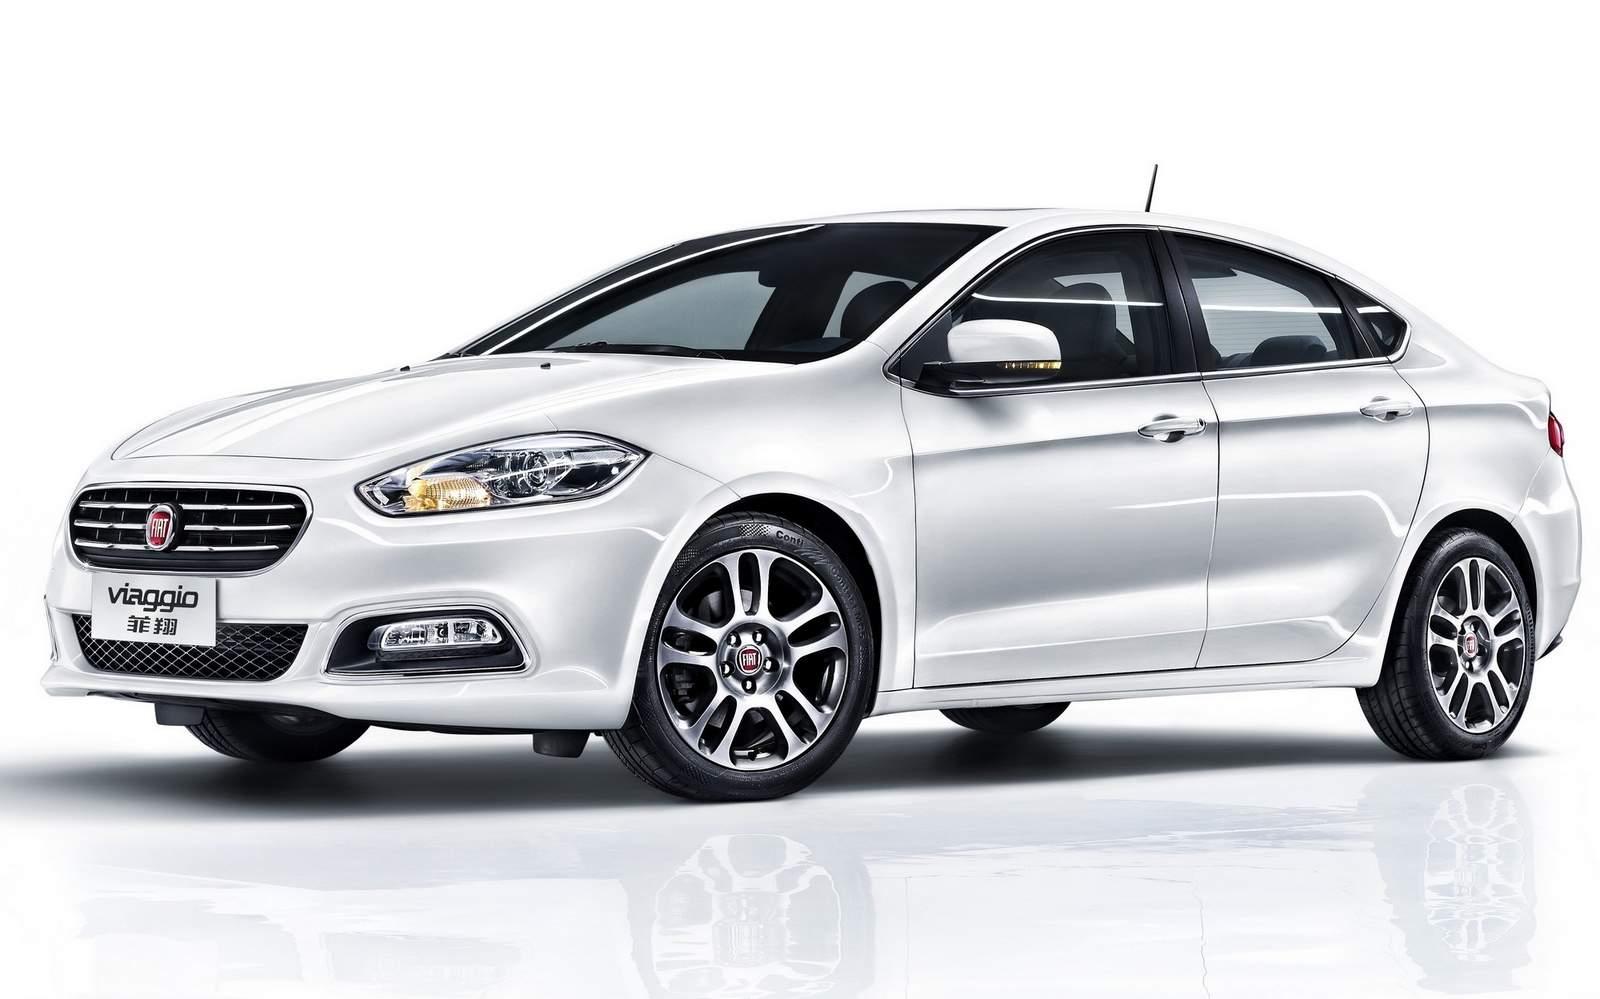 Fiat Viaggio Chega Ao Brasil Em 2015 Montado Em Ckd Car